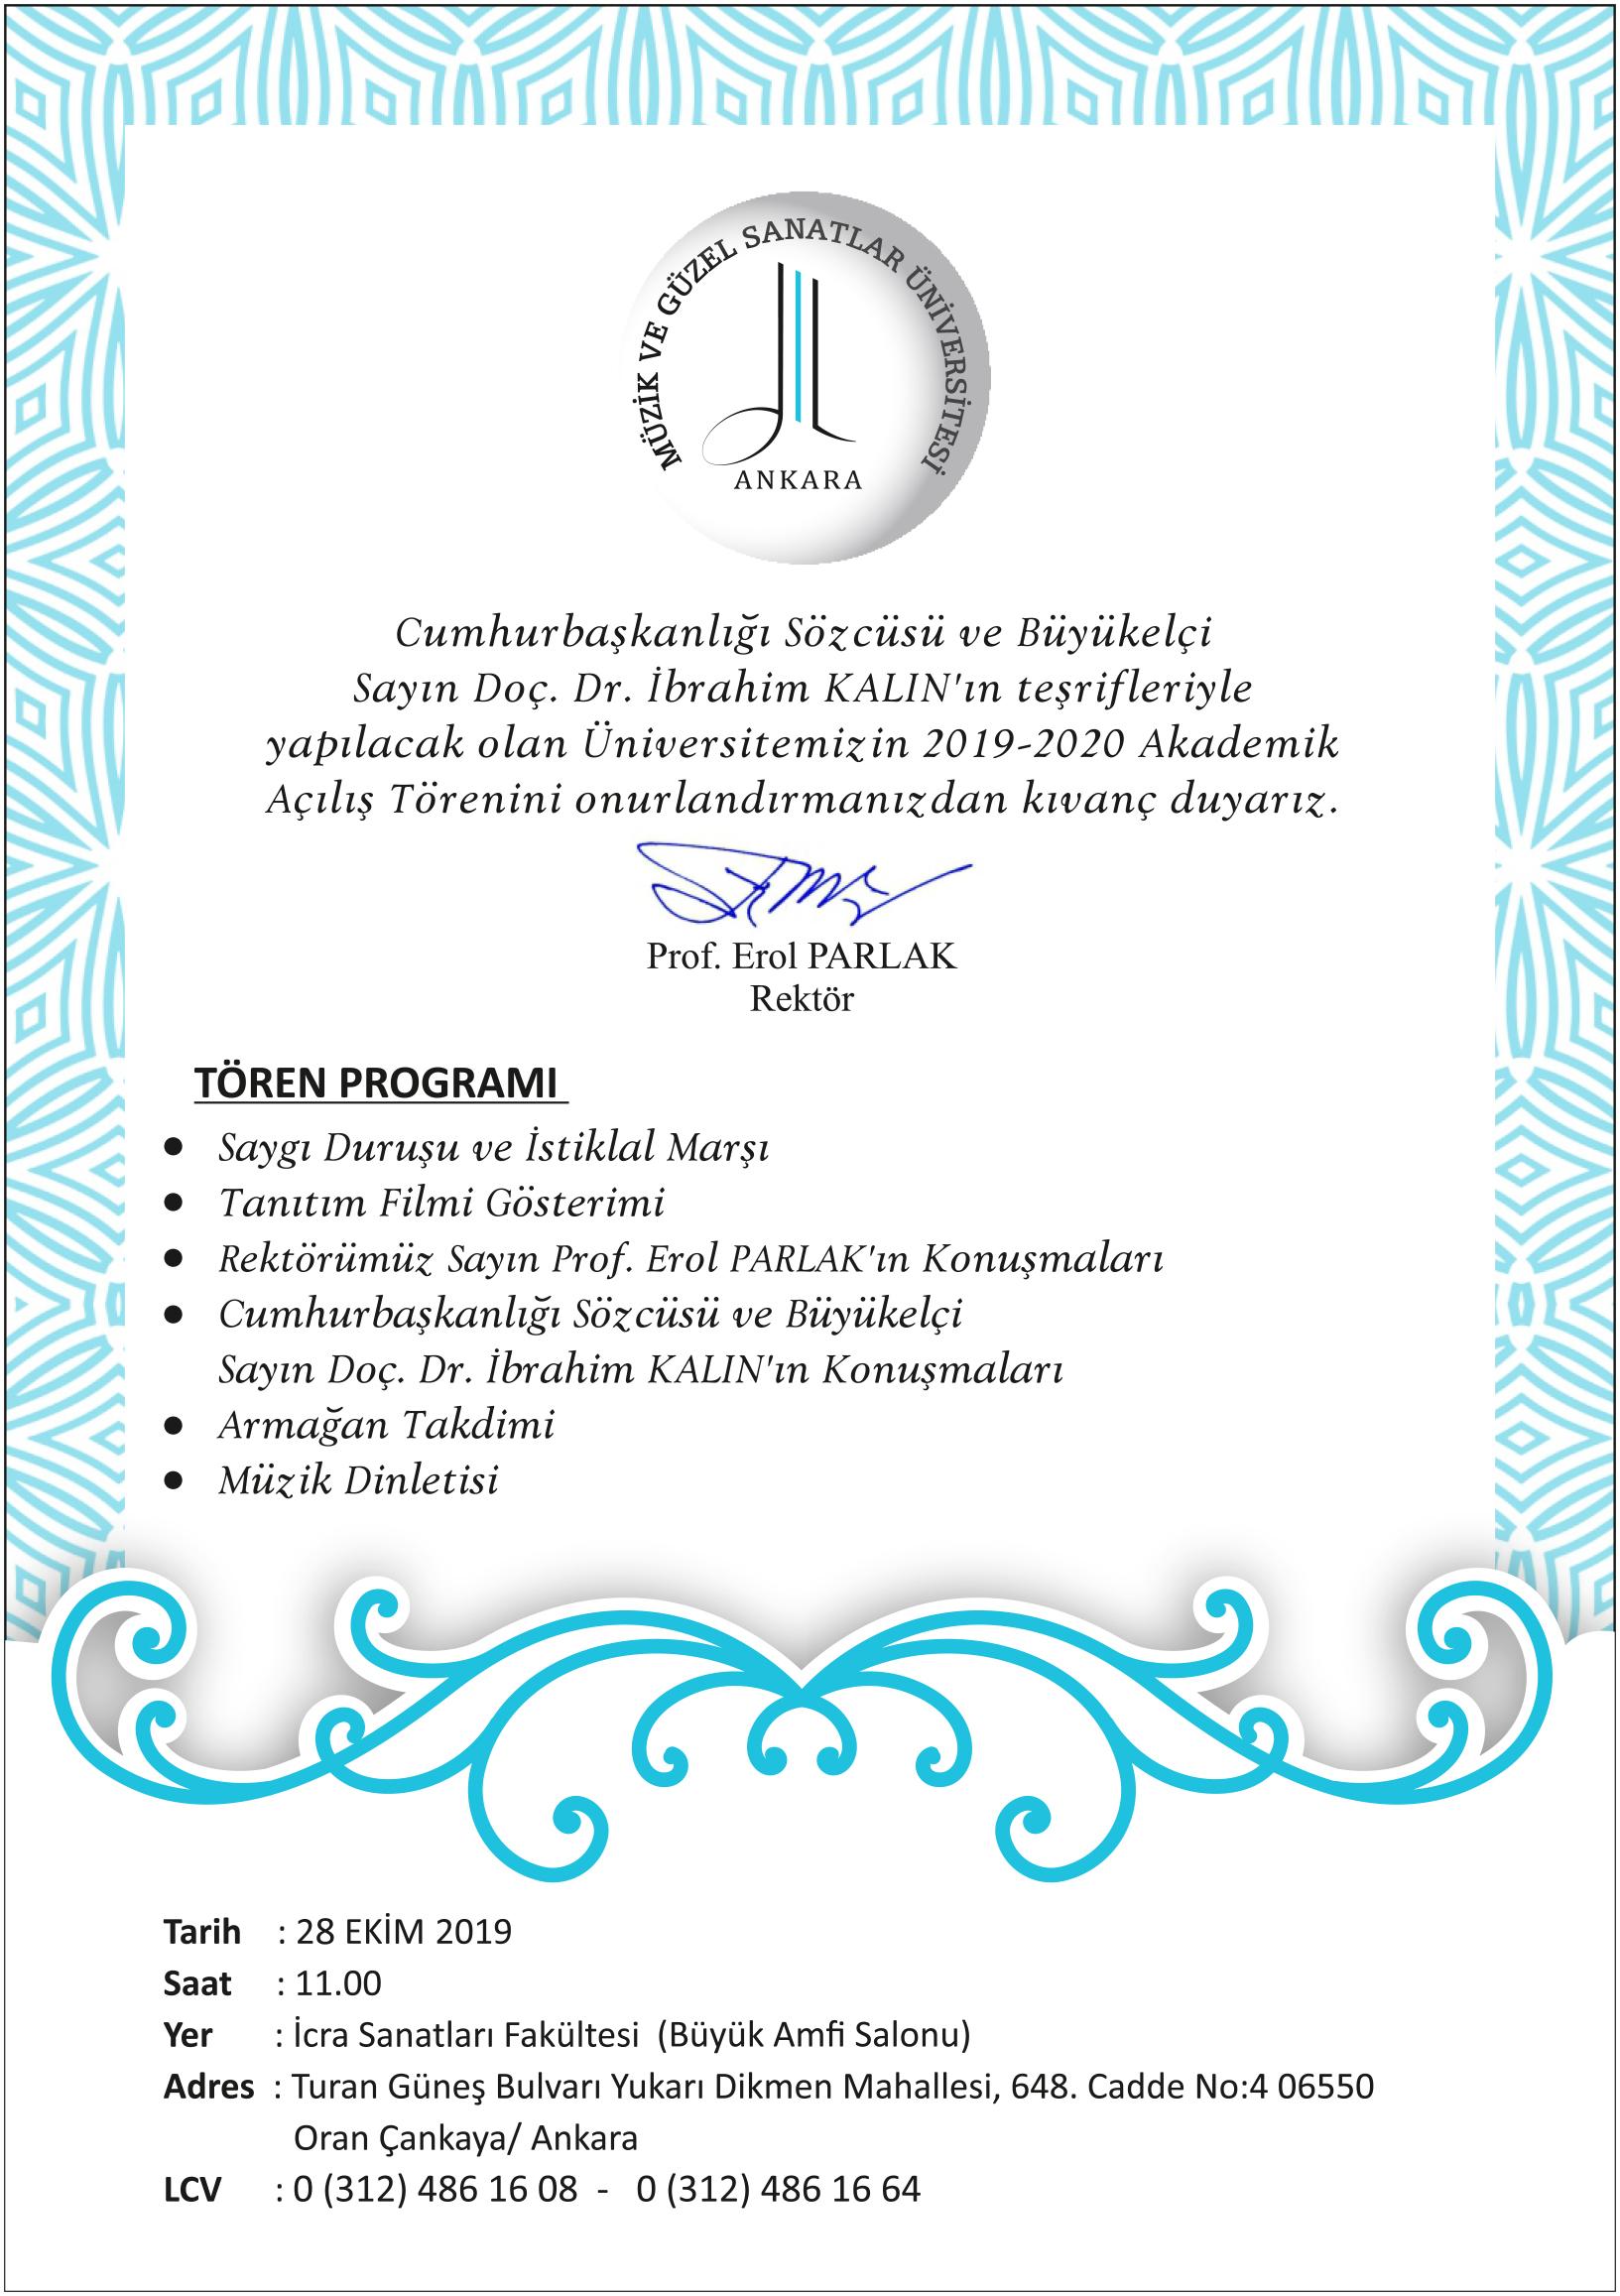 2019-2020 Akademik Yılı Açılış Töreni